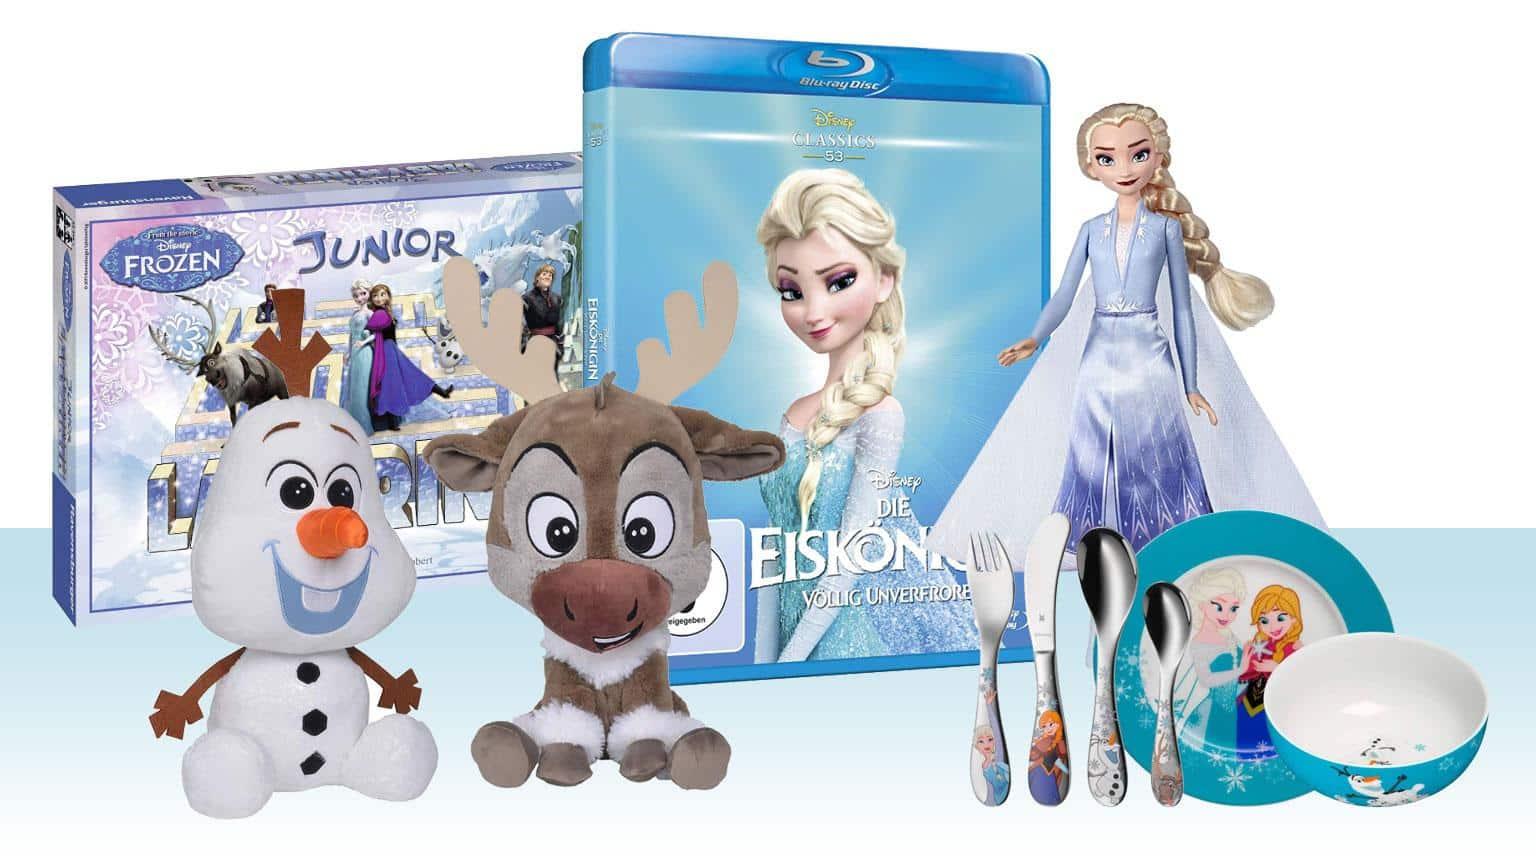 Deal Amazon.de 45% Rabatt auf Eiskönigin Produkte kaufen shop Artikelbild